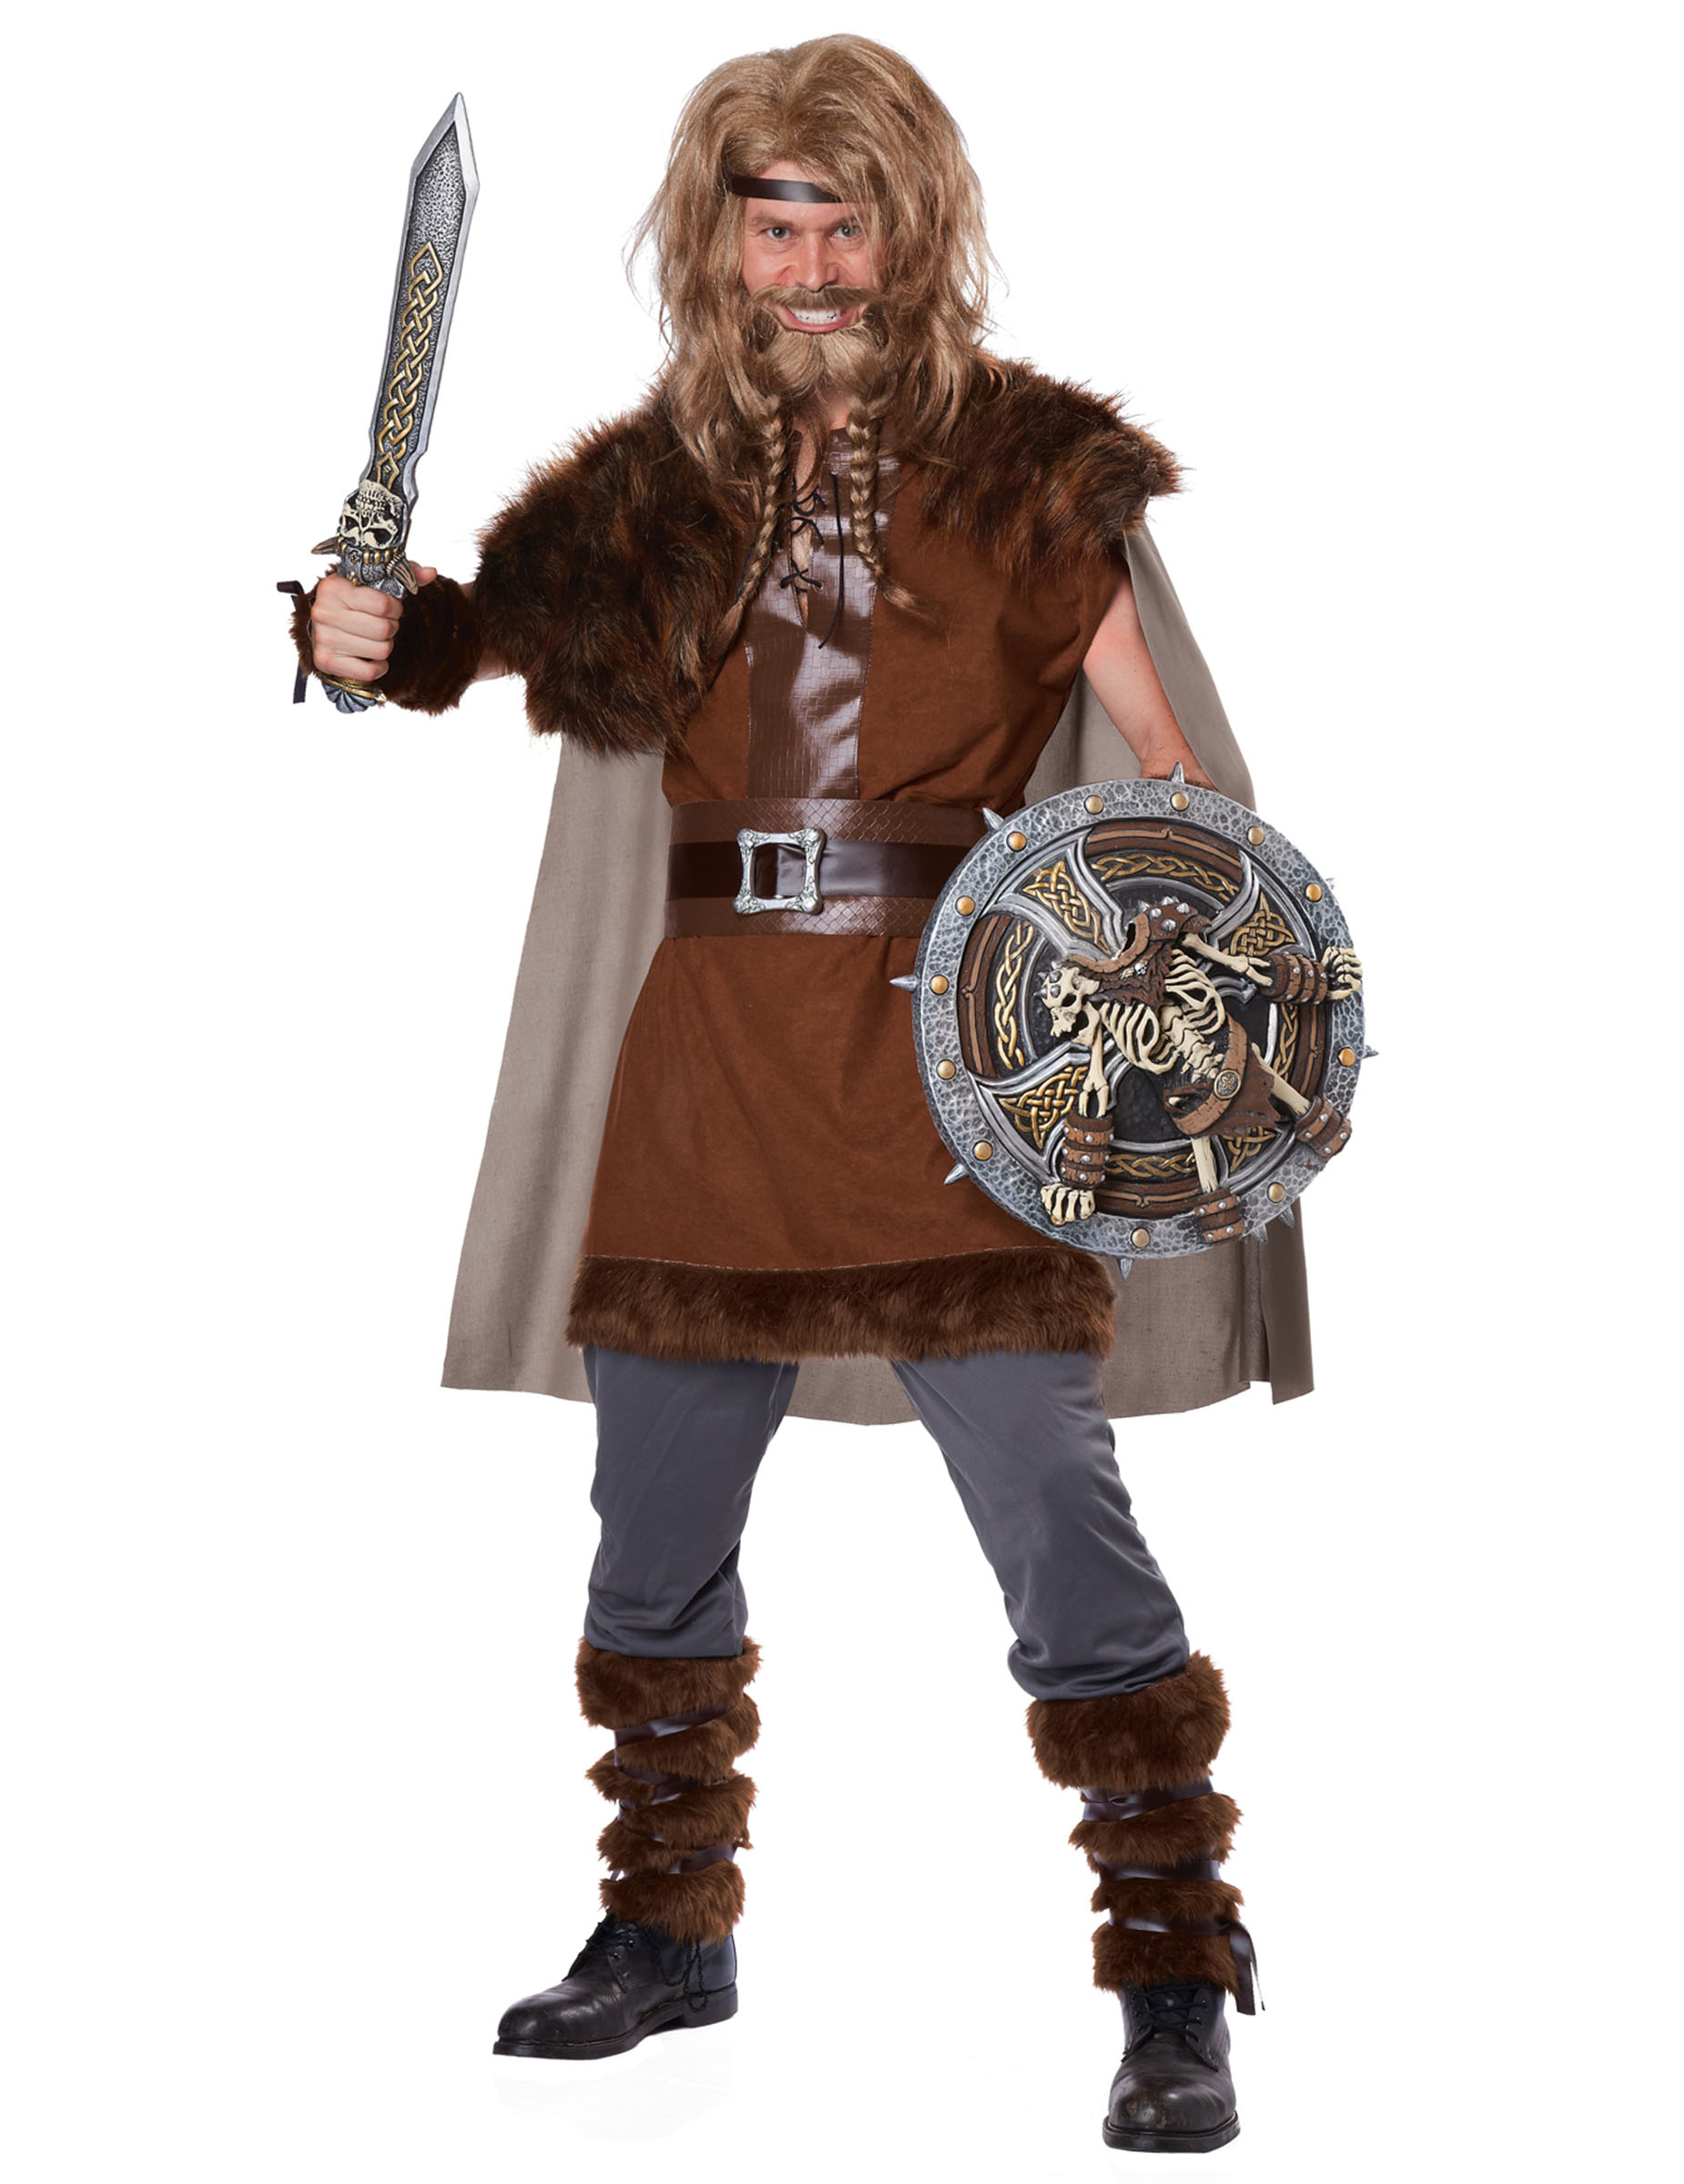 d guisement viking puissant pour homme deguise toi achat de d guisements adultes. Black Bedroom Furniture Sets. Home Design Ideas